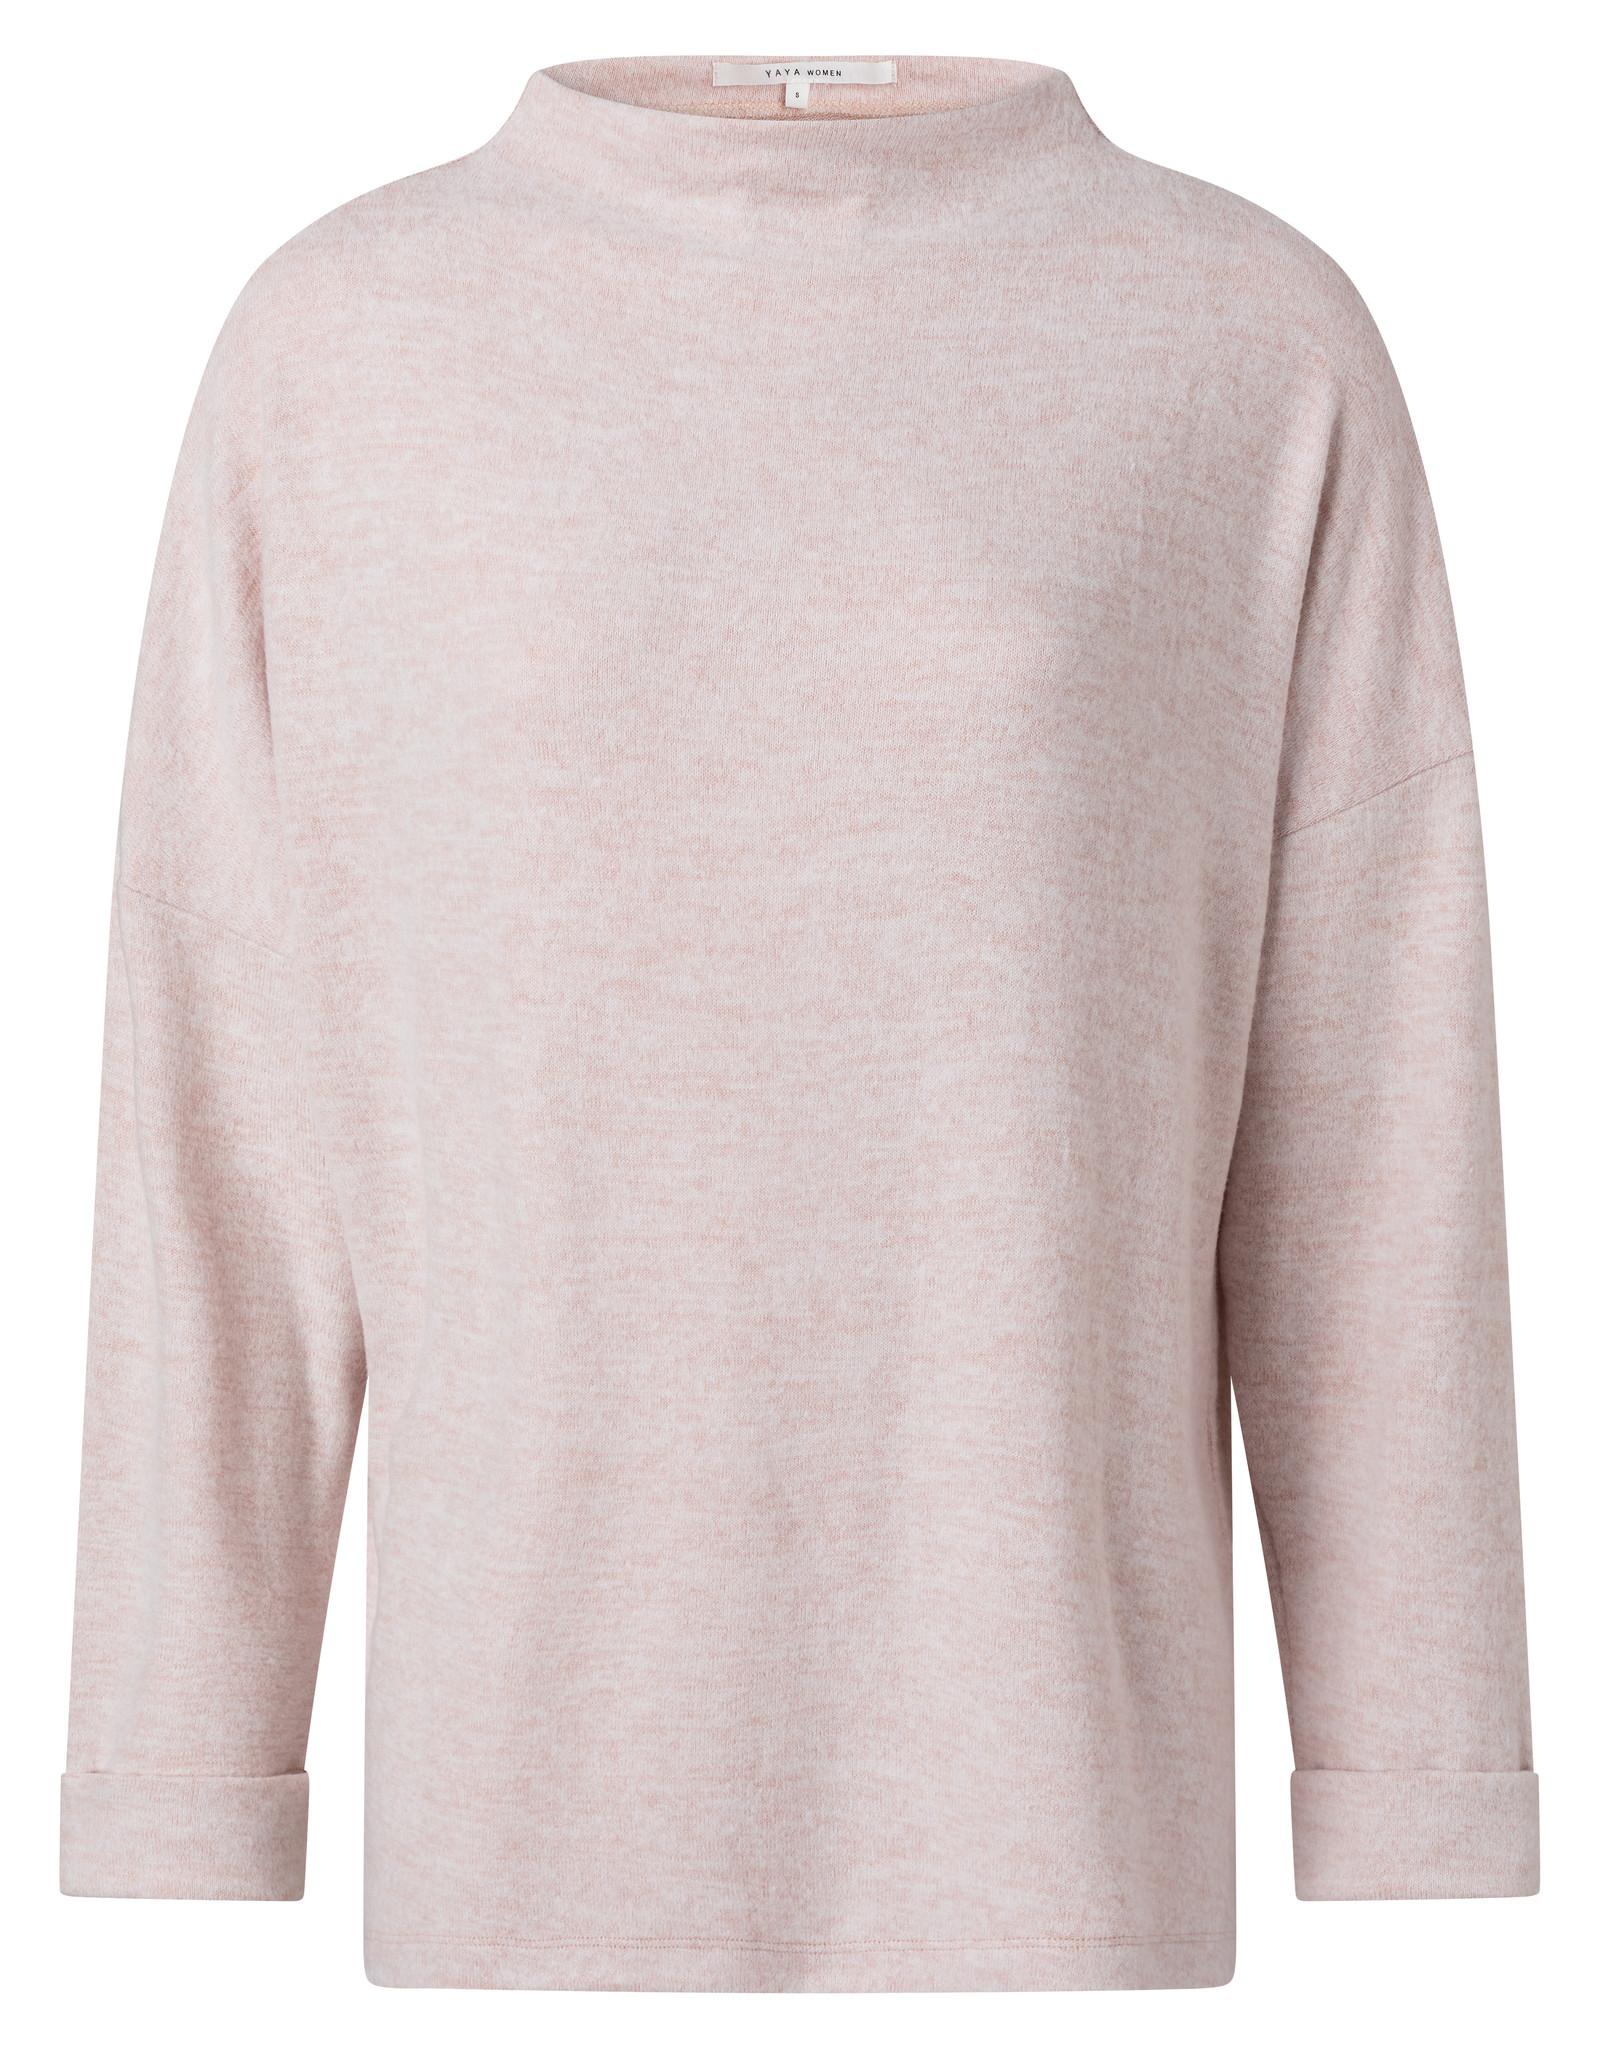 Yaya Sara Sweater